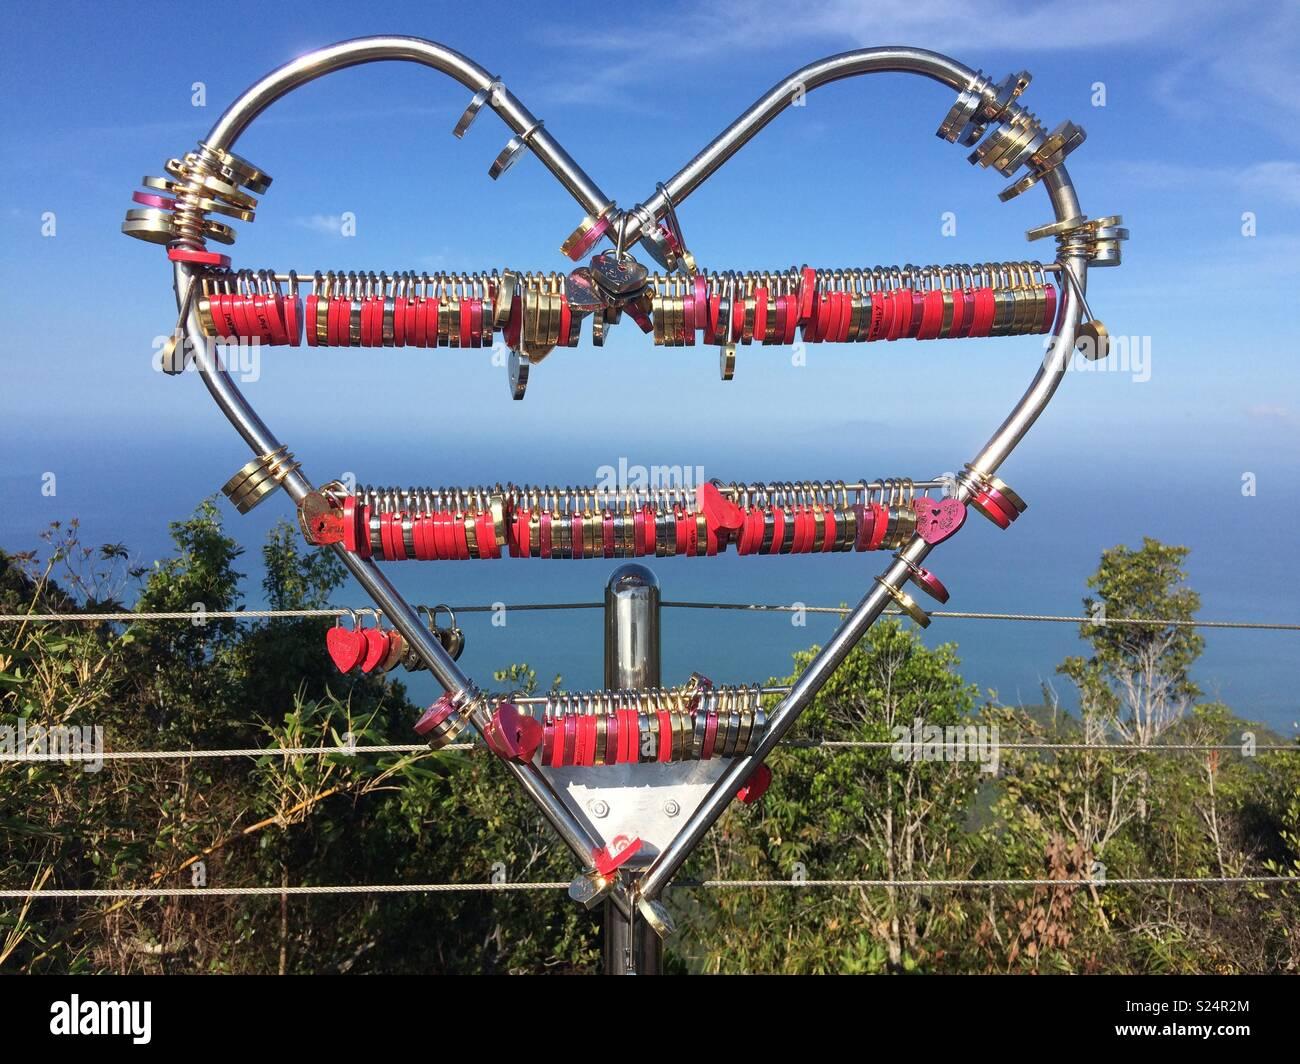 Love locks on Skybridge - Stock Image